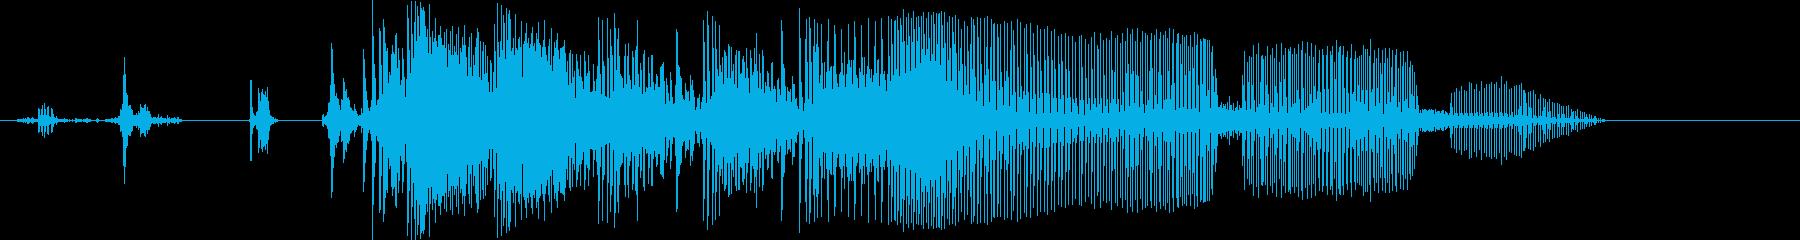 オートバイ;スタート/アウェイ;ハ...の再生済みの波形